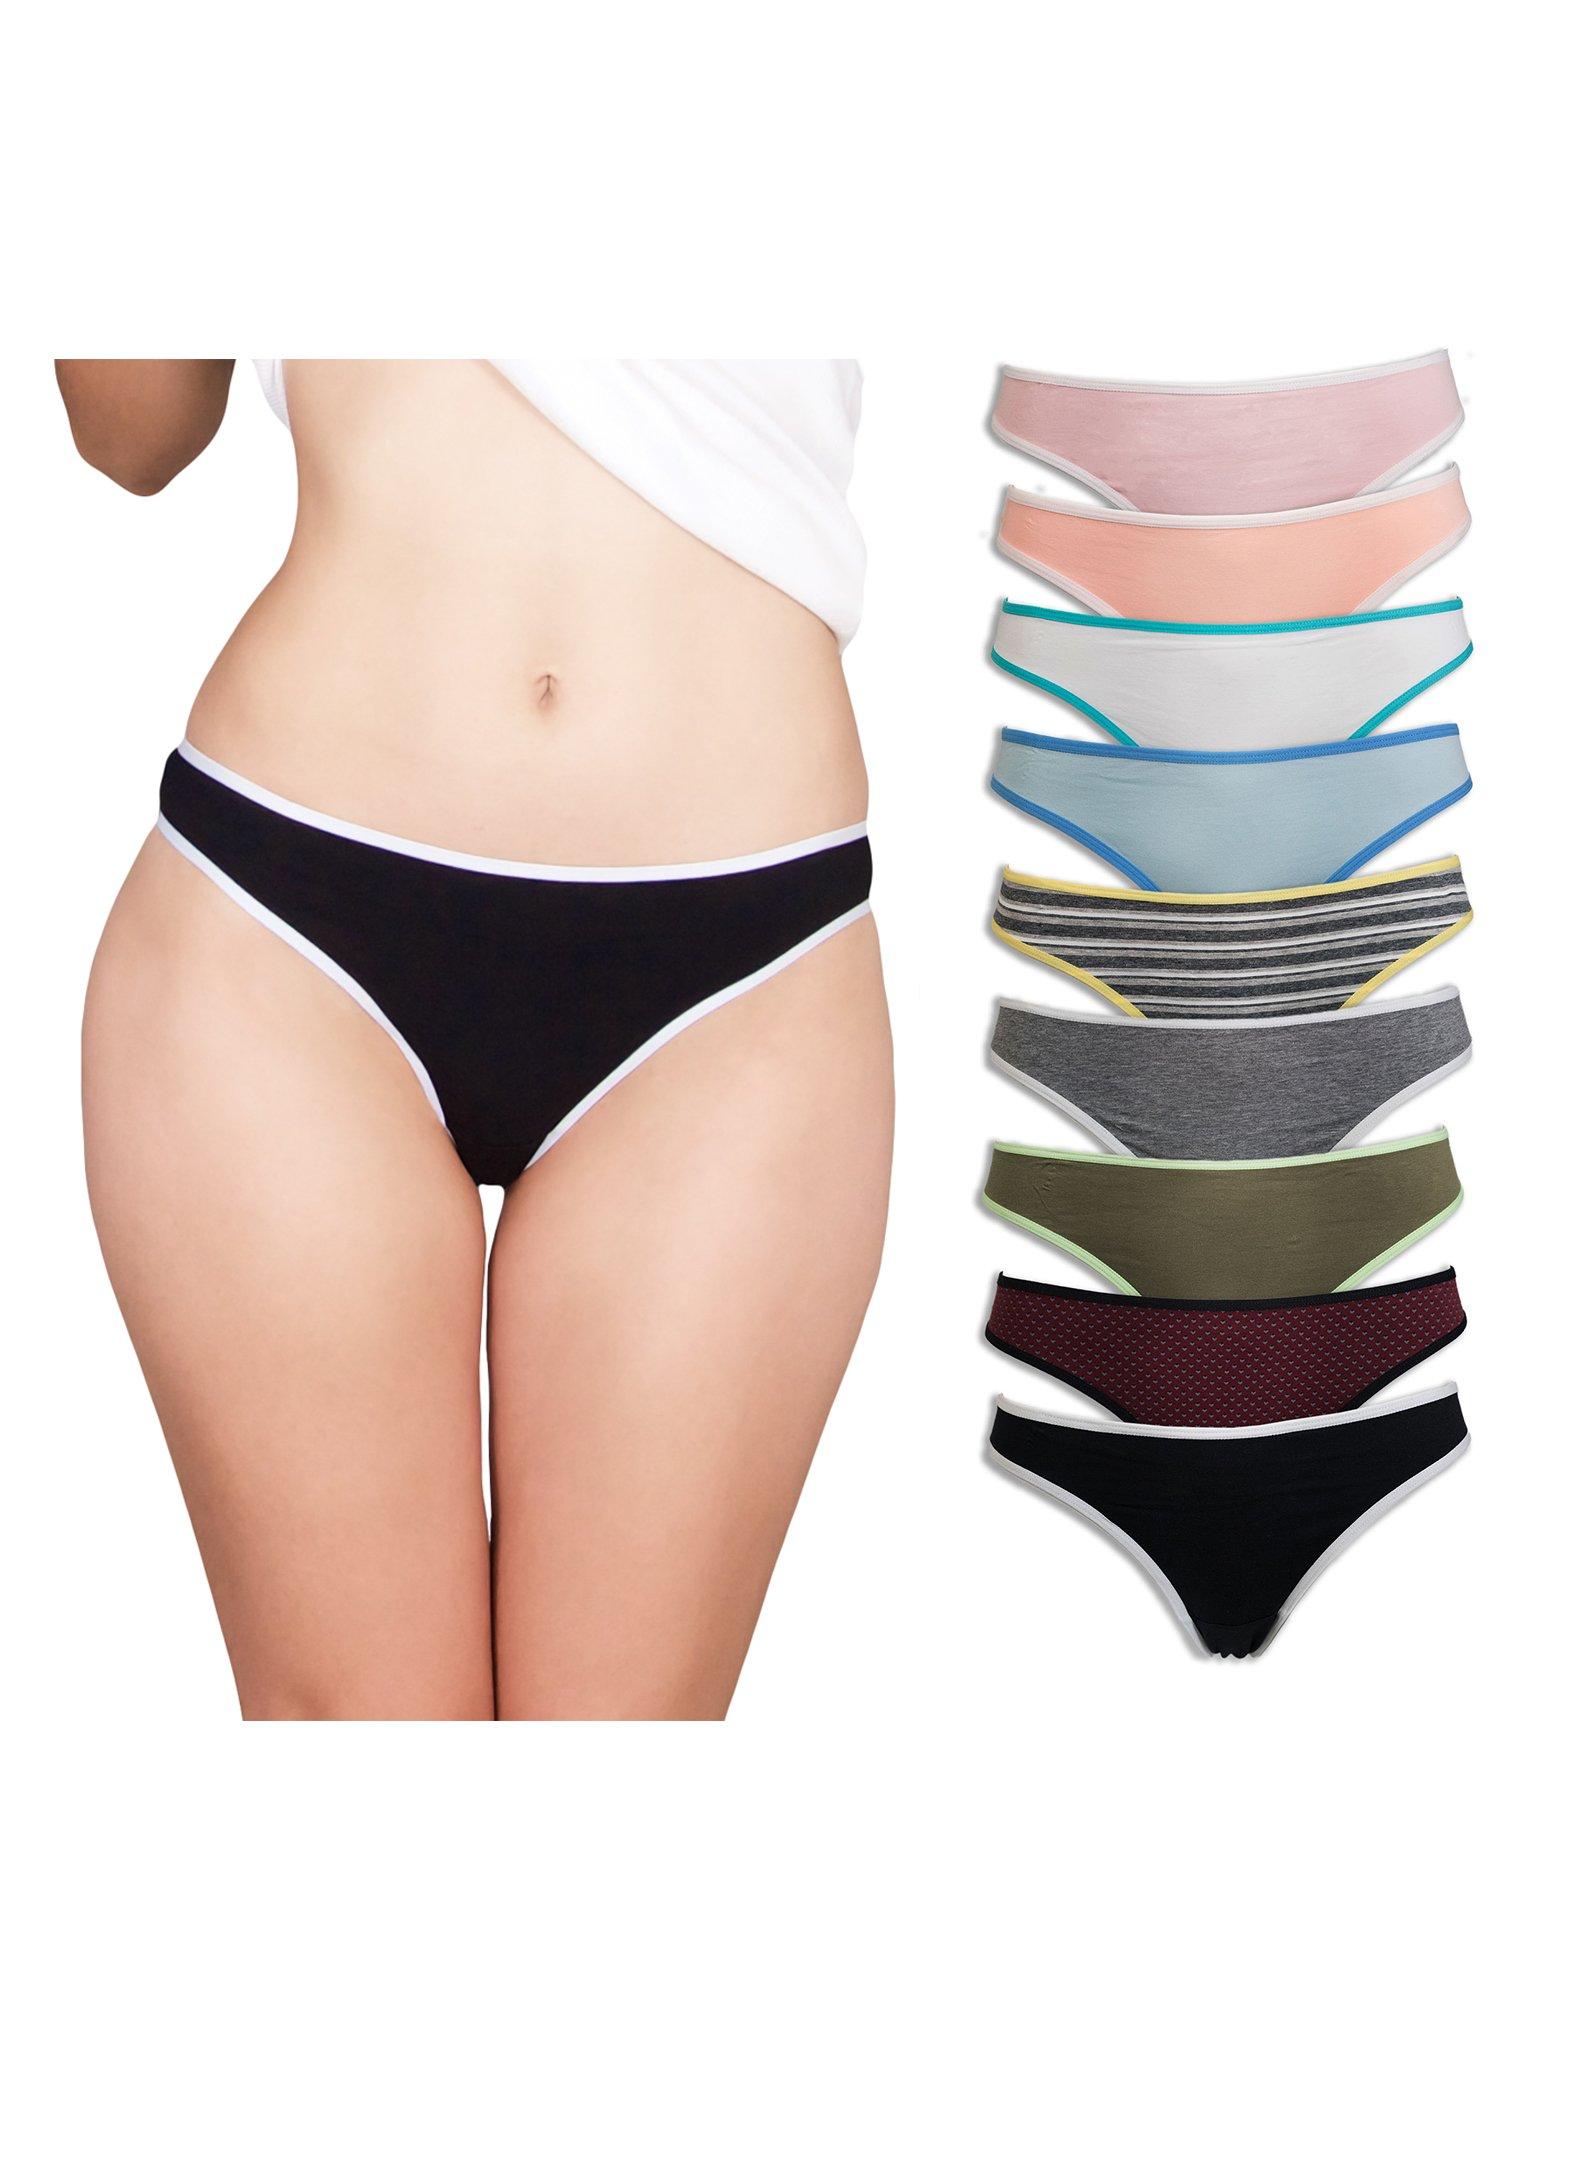 Emprella Thongs for Women, 7 Pack Cotton Underwear Ladies Thong Panties Womens Seamless